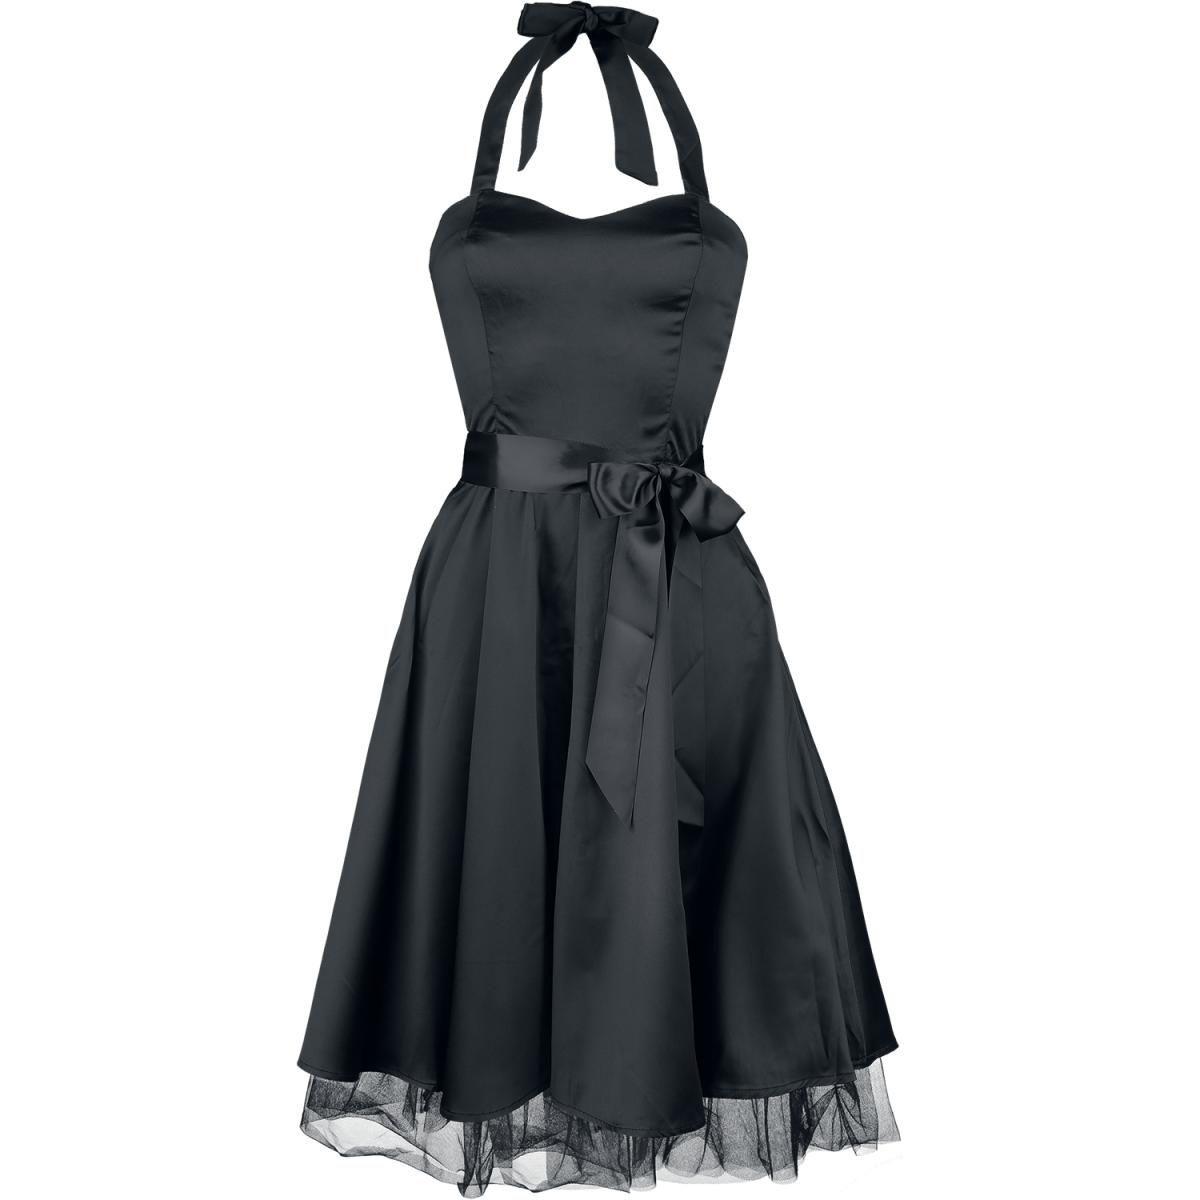 Designer Schön Schwarzes Kleid Knielang für 2019 Leicht Schwarzes Kleid Knielang Ärmel